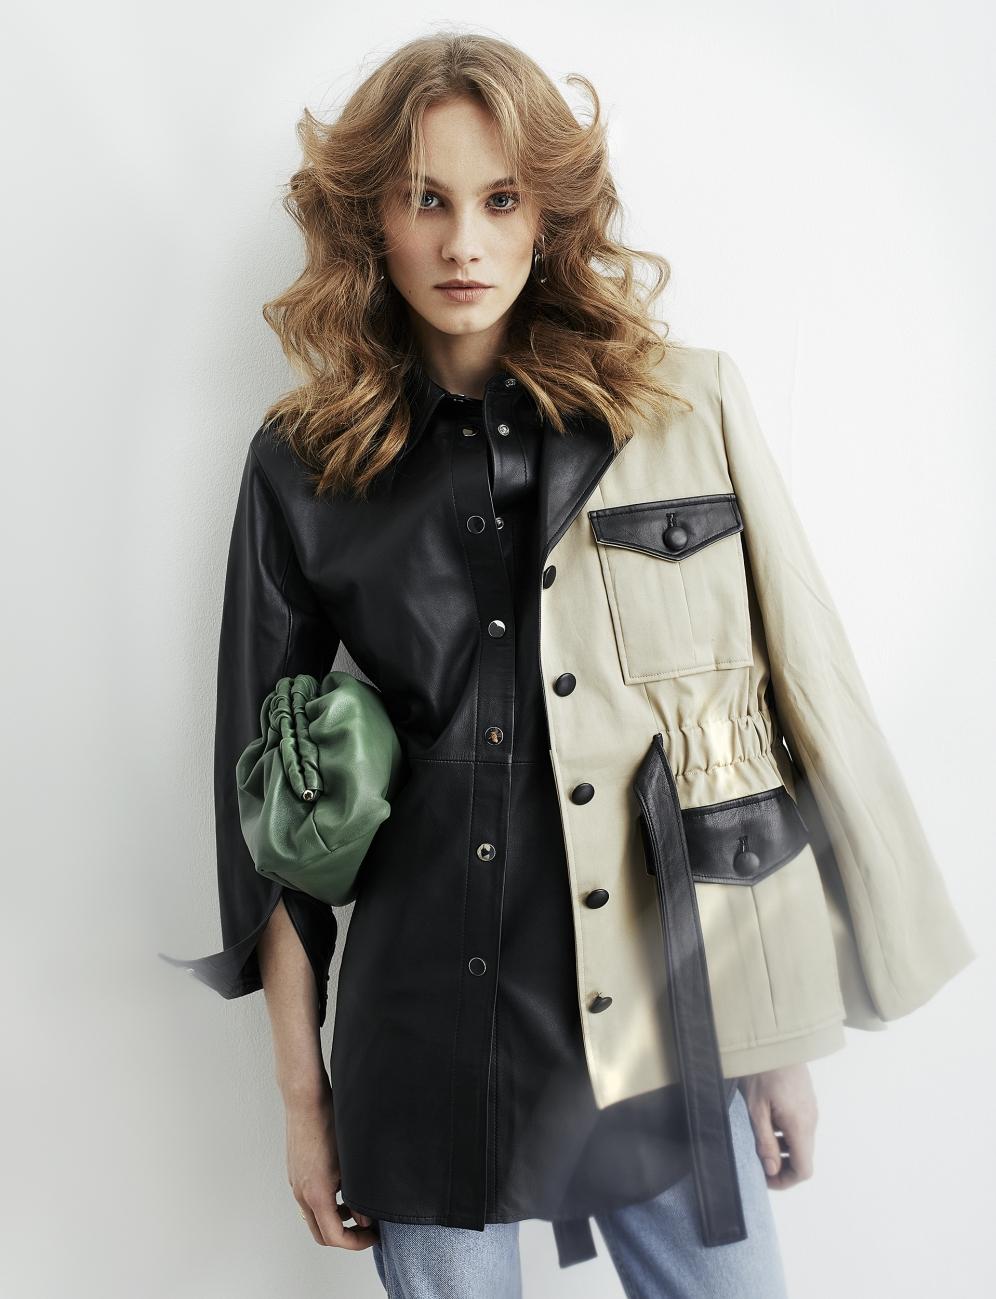 Grazia | Big Fashion Issue